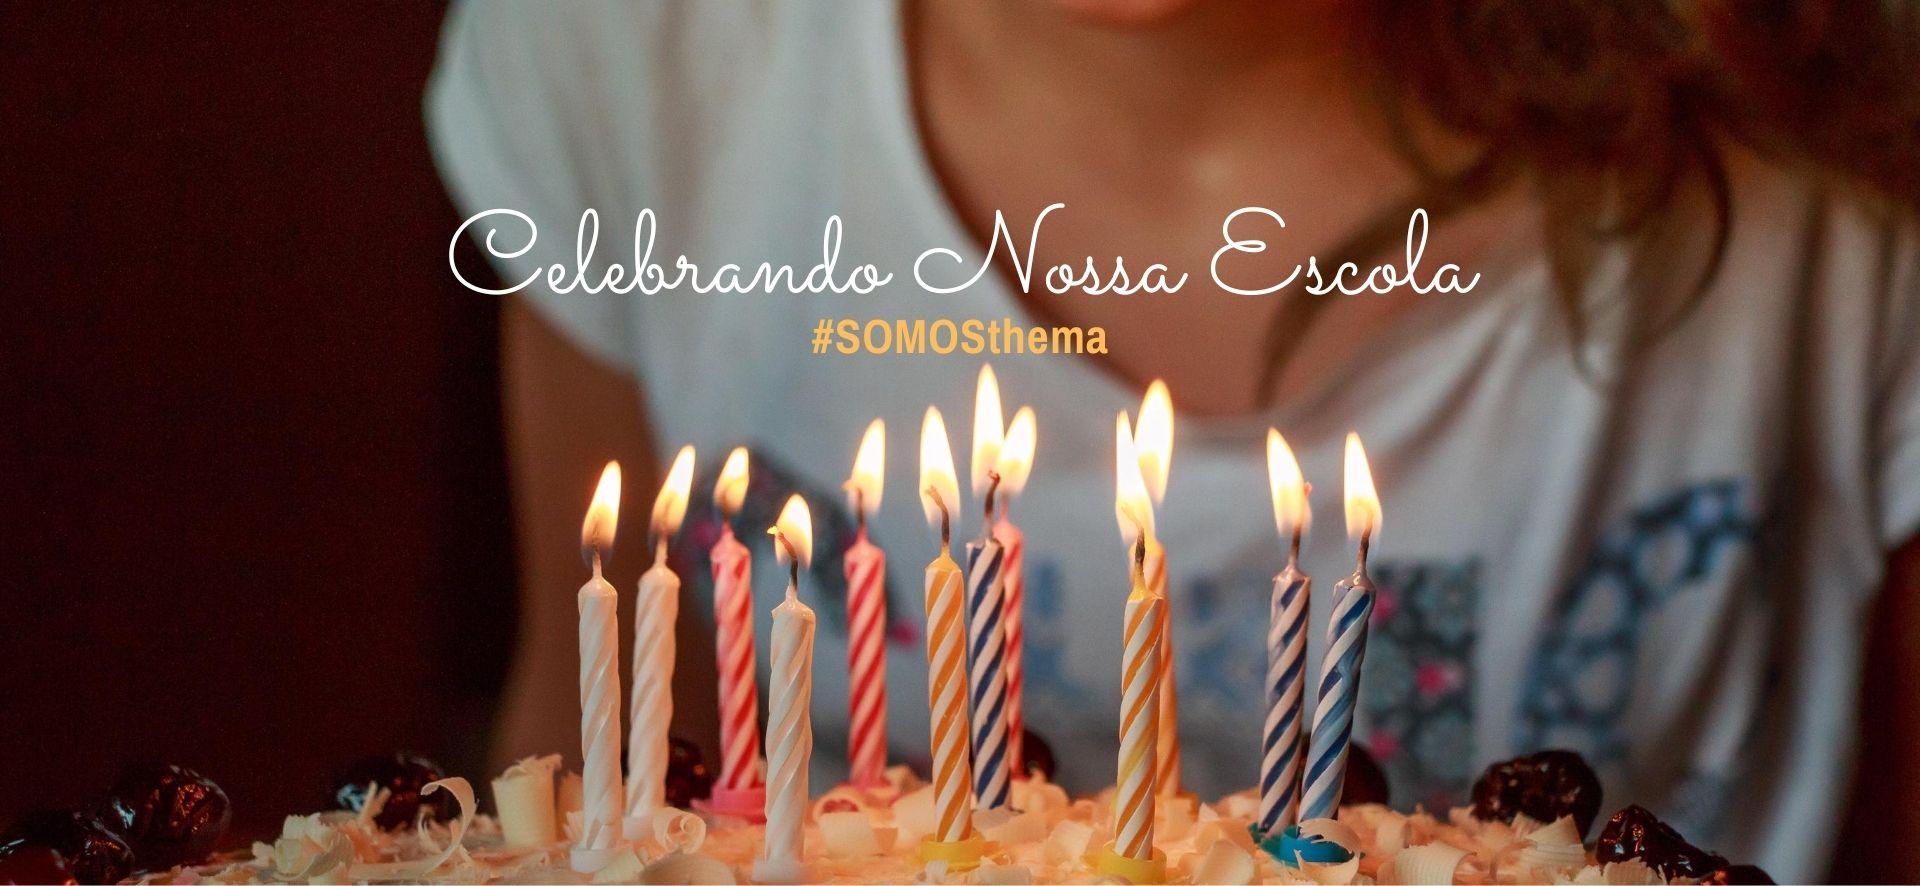 Celebrando Nossa Escola - 36 anos